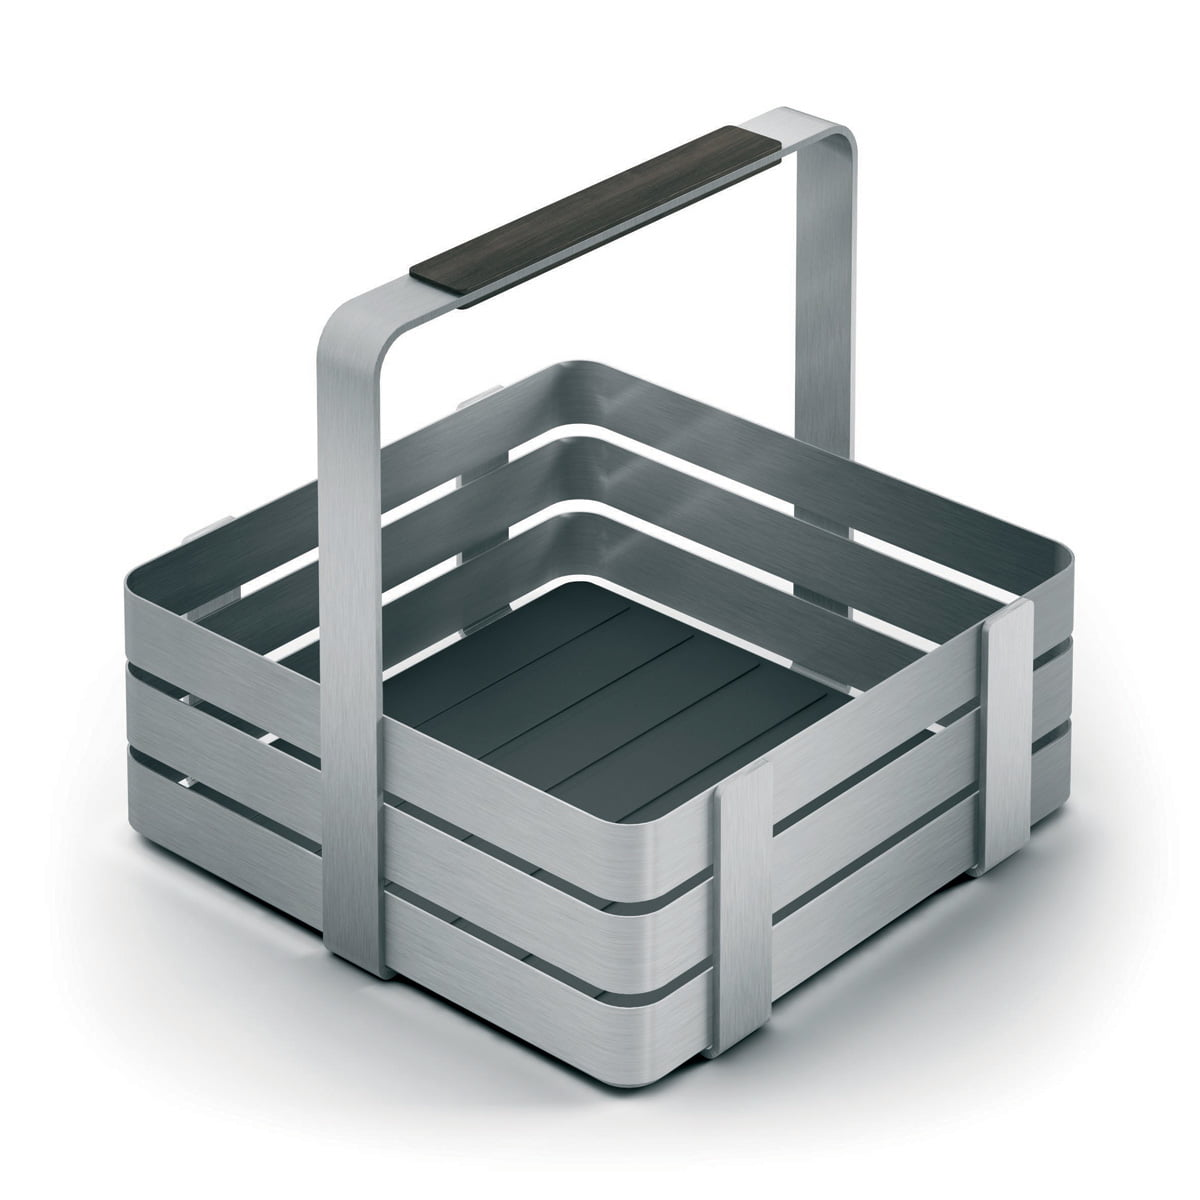 besteckkasten & utensilienbehälter online | connox, Badezimmer ideen